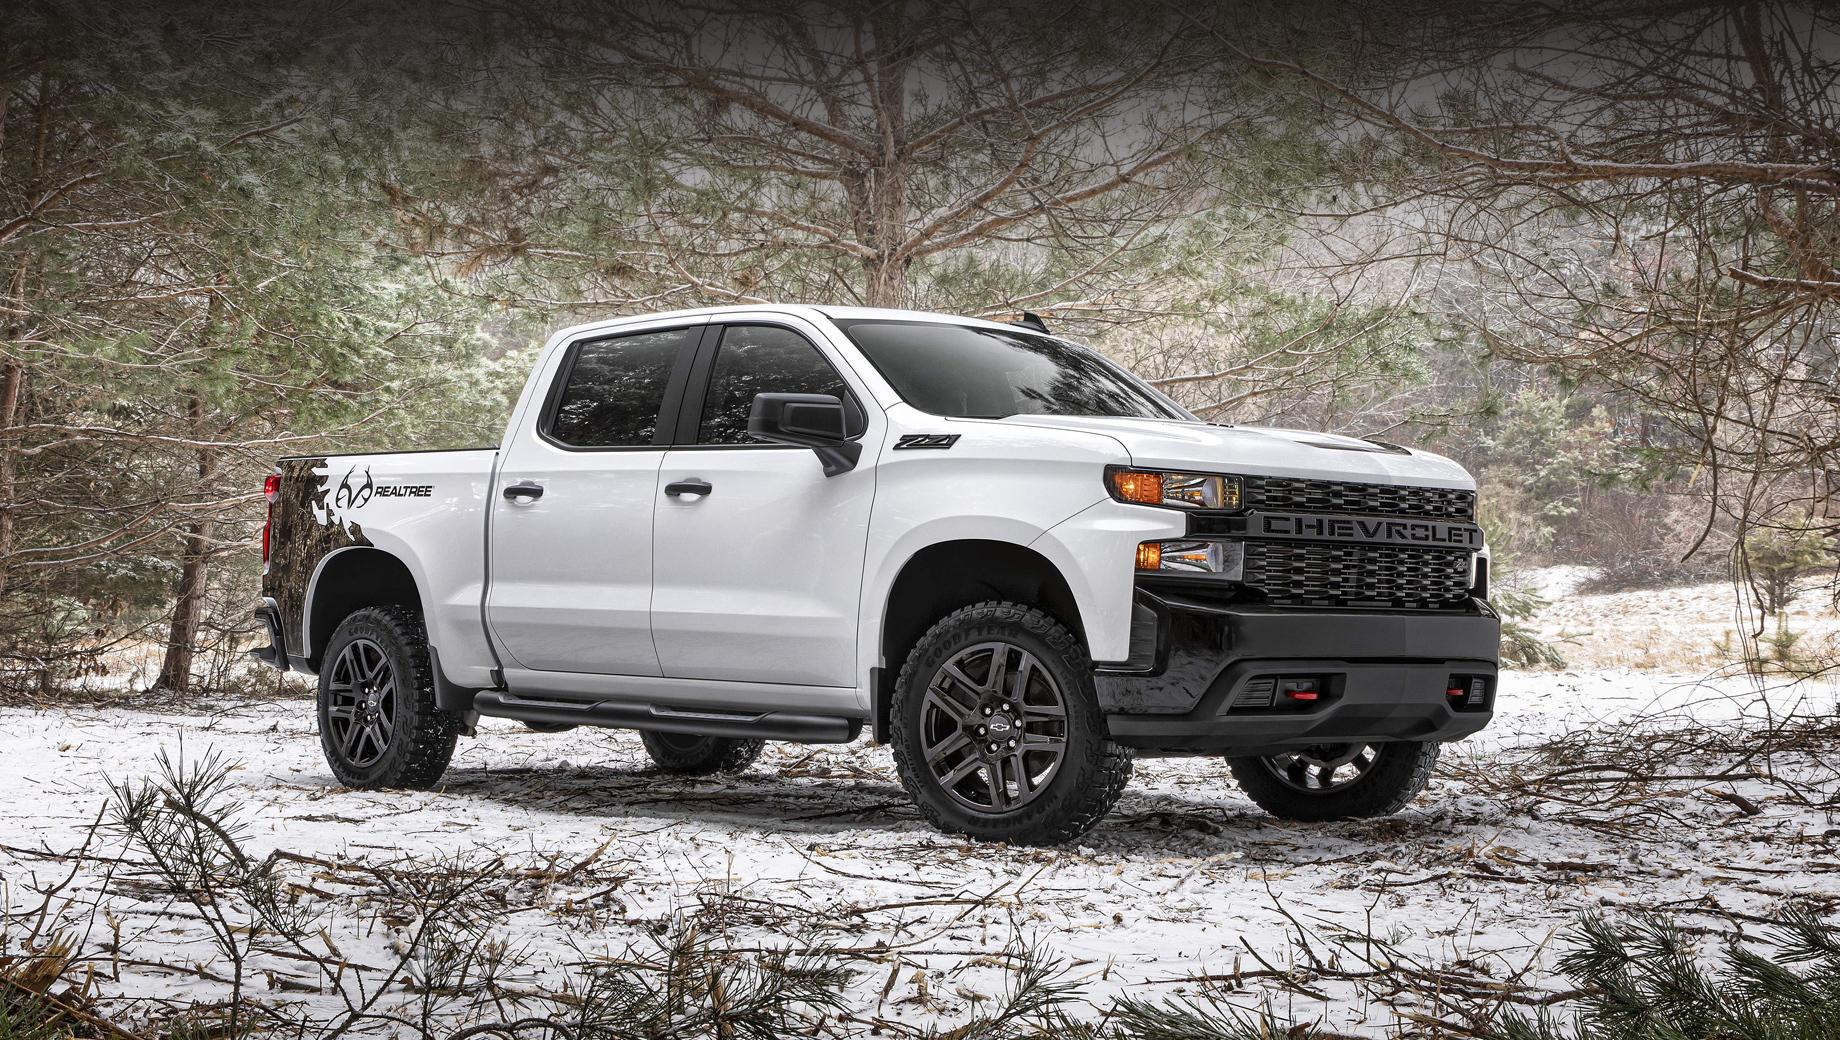 Chevrolet silverado. Это уже второй случай сотрудничества двух компаний: подобным образом партнёры преобразовывали Silverado в 2016-м.